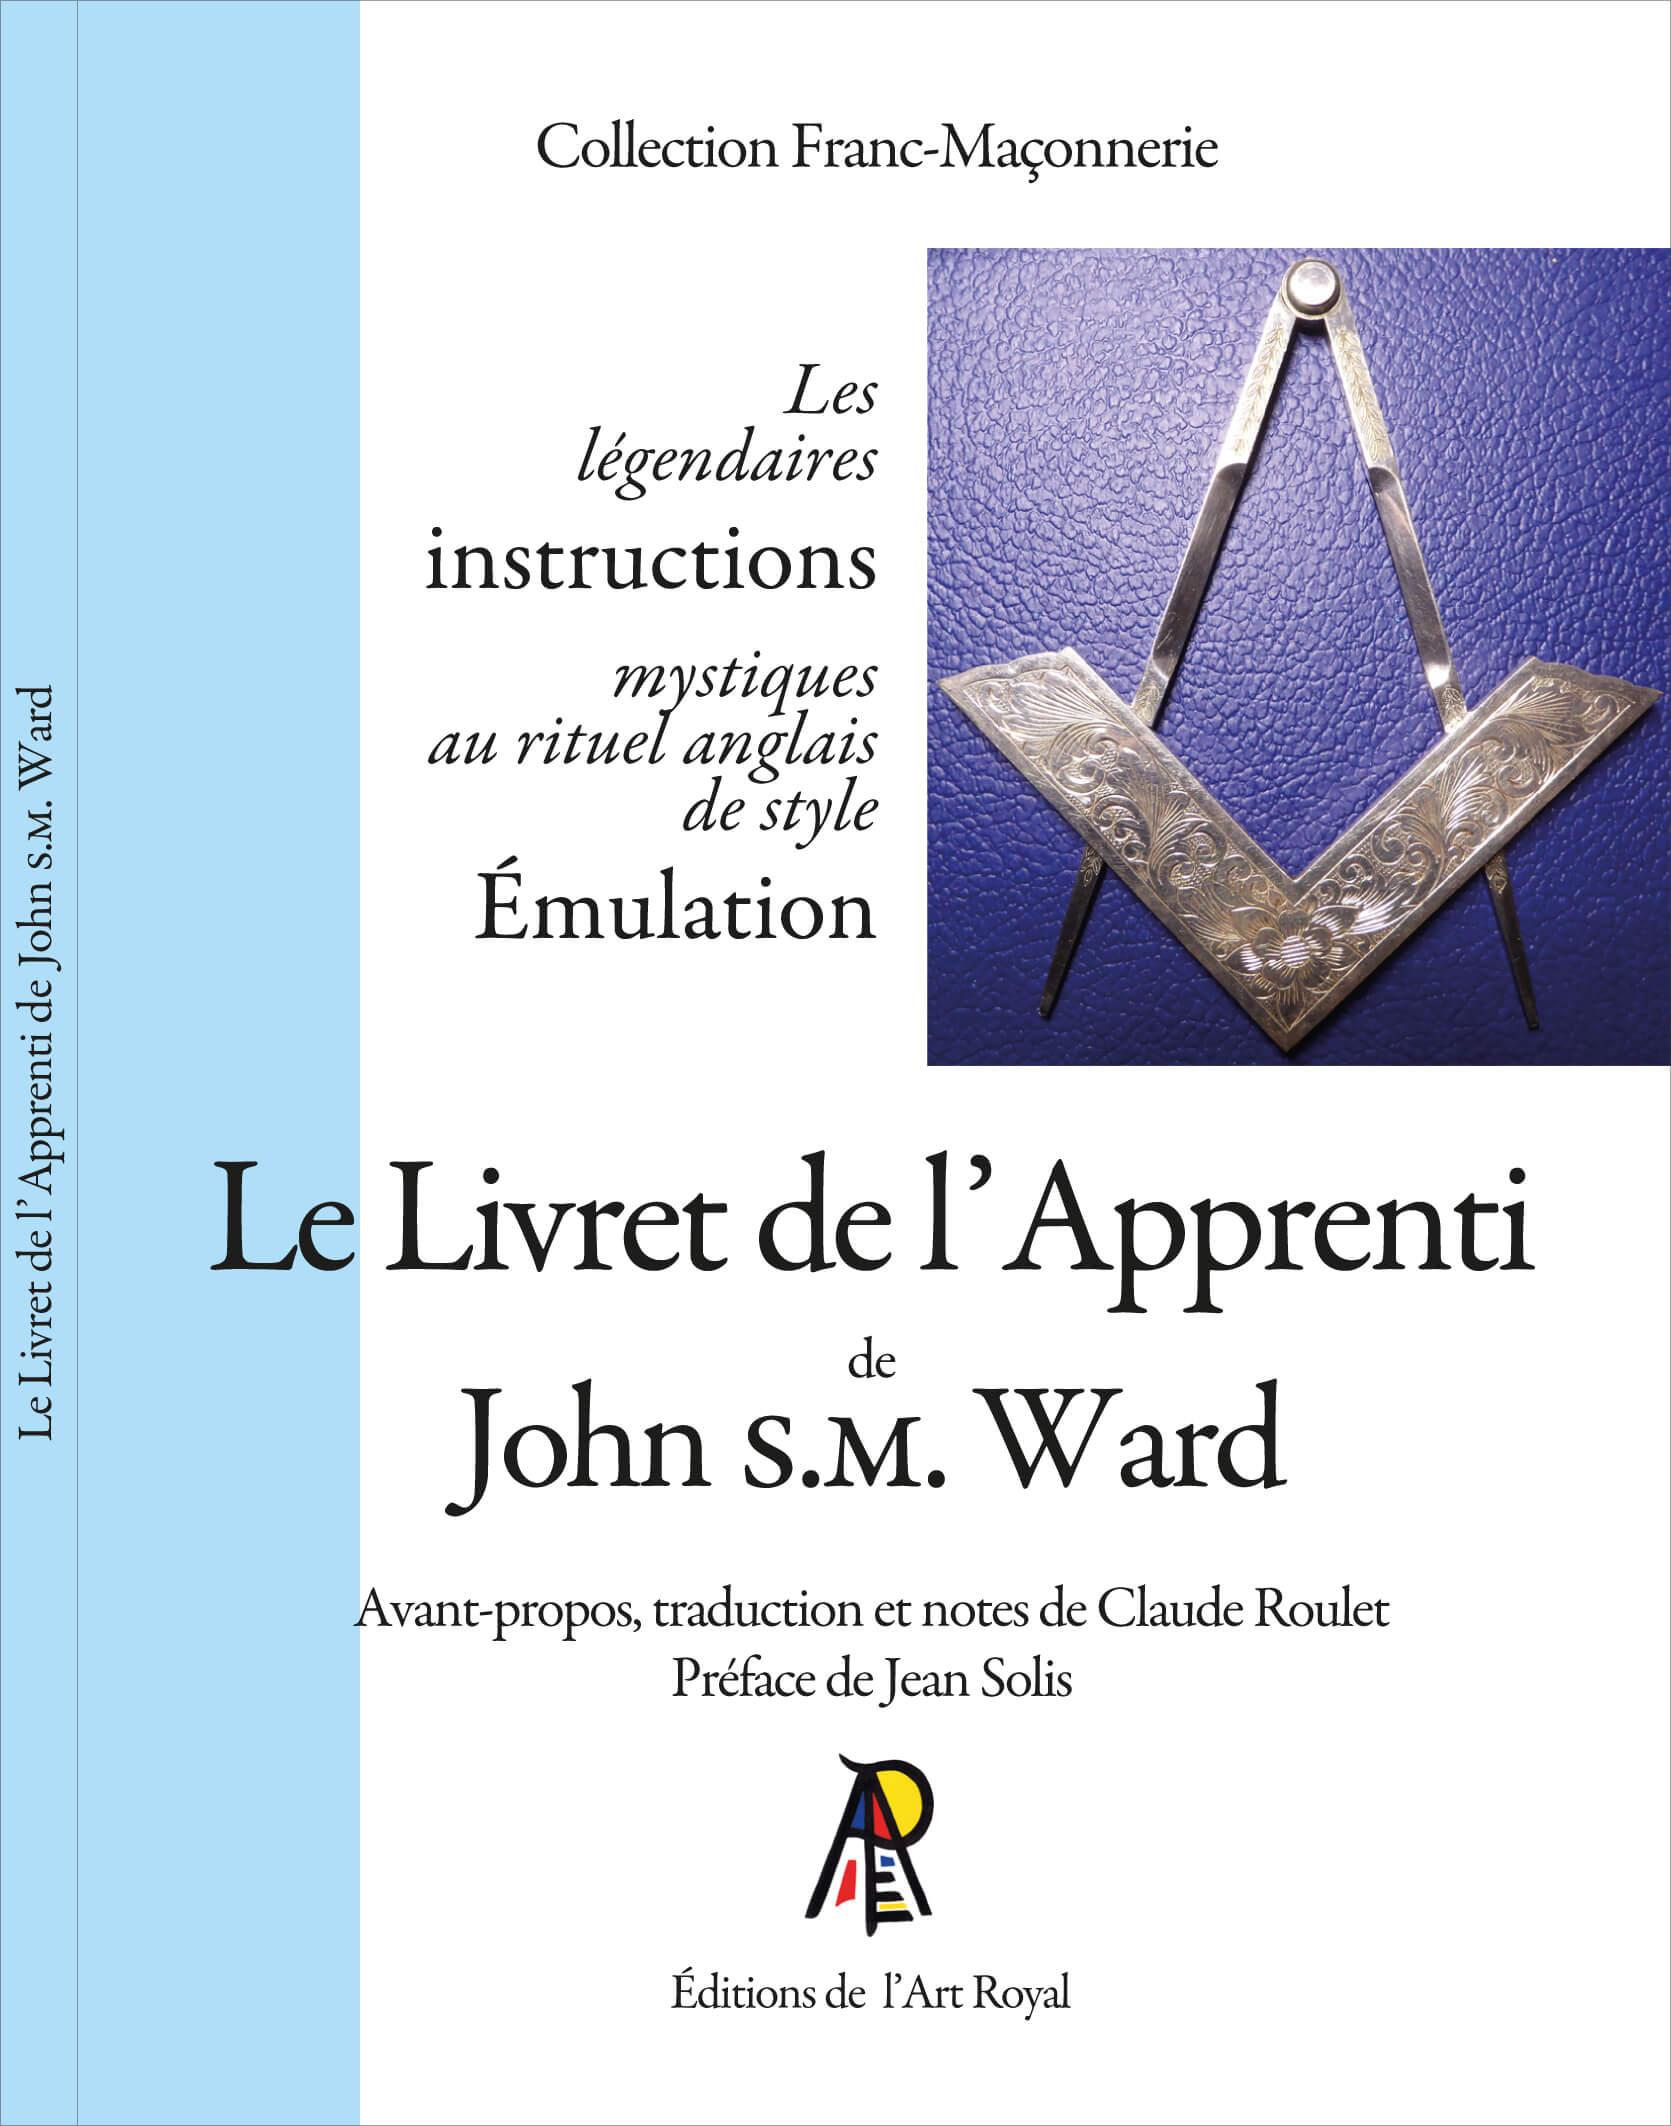 Le Livret de l'Apprenti de John S.M. Ward